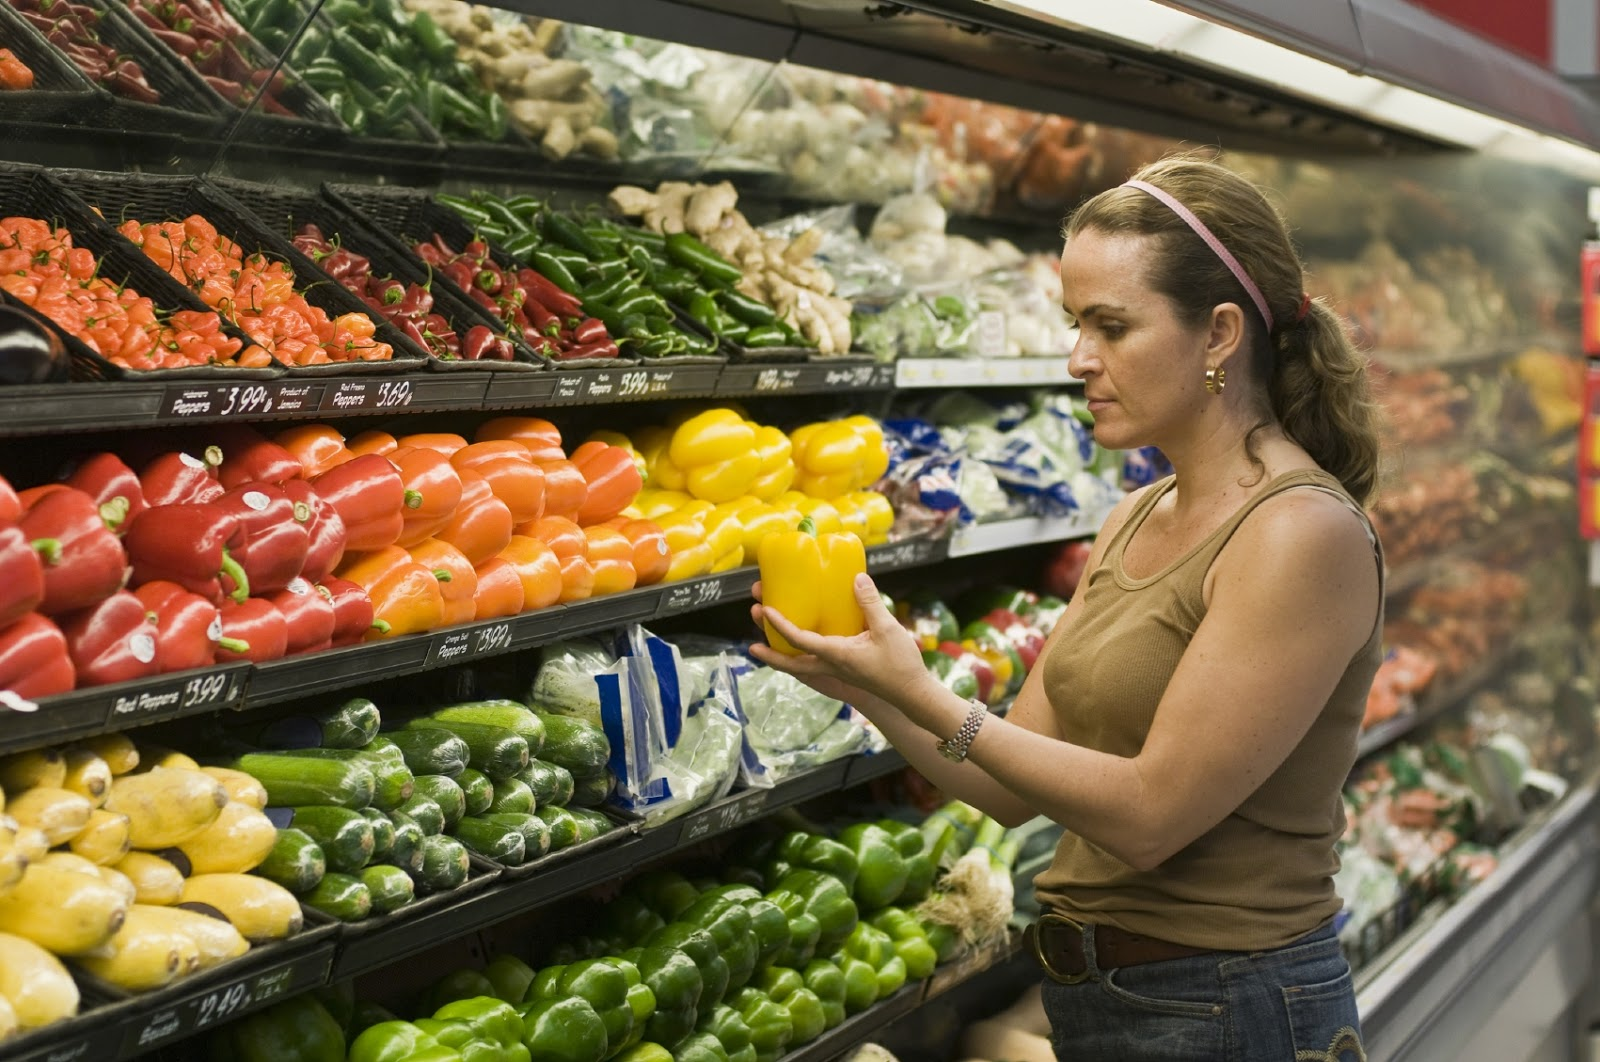 Un mes comiendo 'comida real': el reto saludable que se ha hecho viral